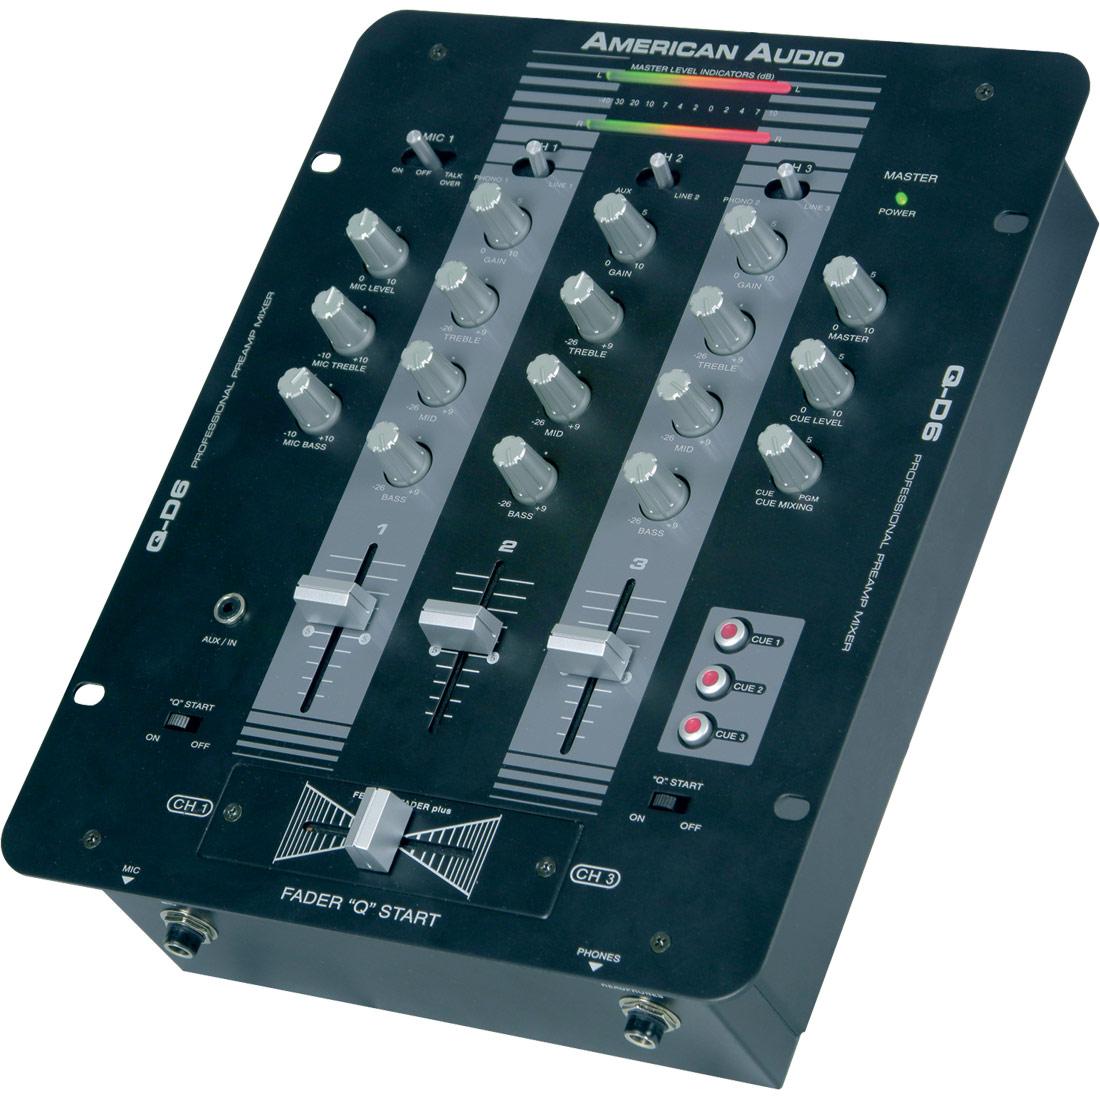 Q-D6 mixer black